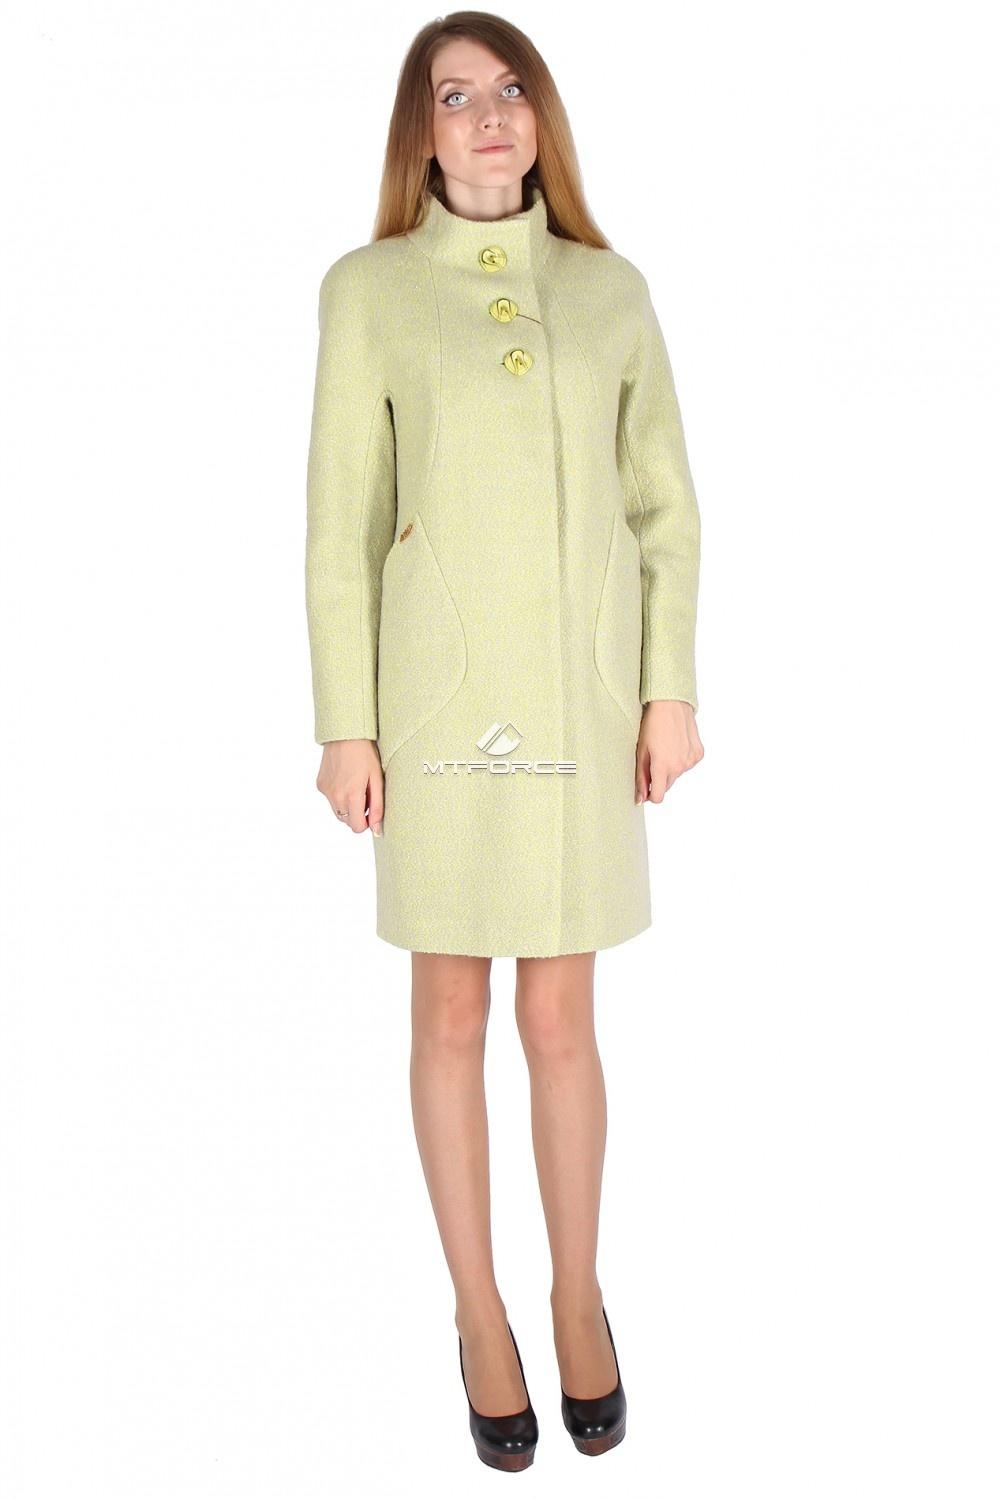 Купить                                  оптом Пальто женское салатового цвета 16291Sl